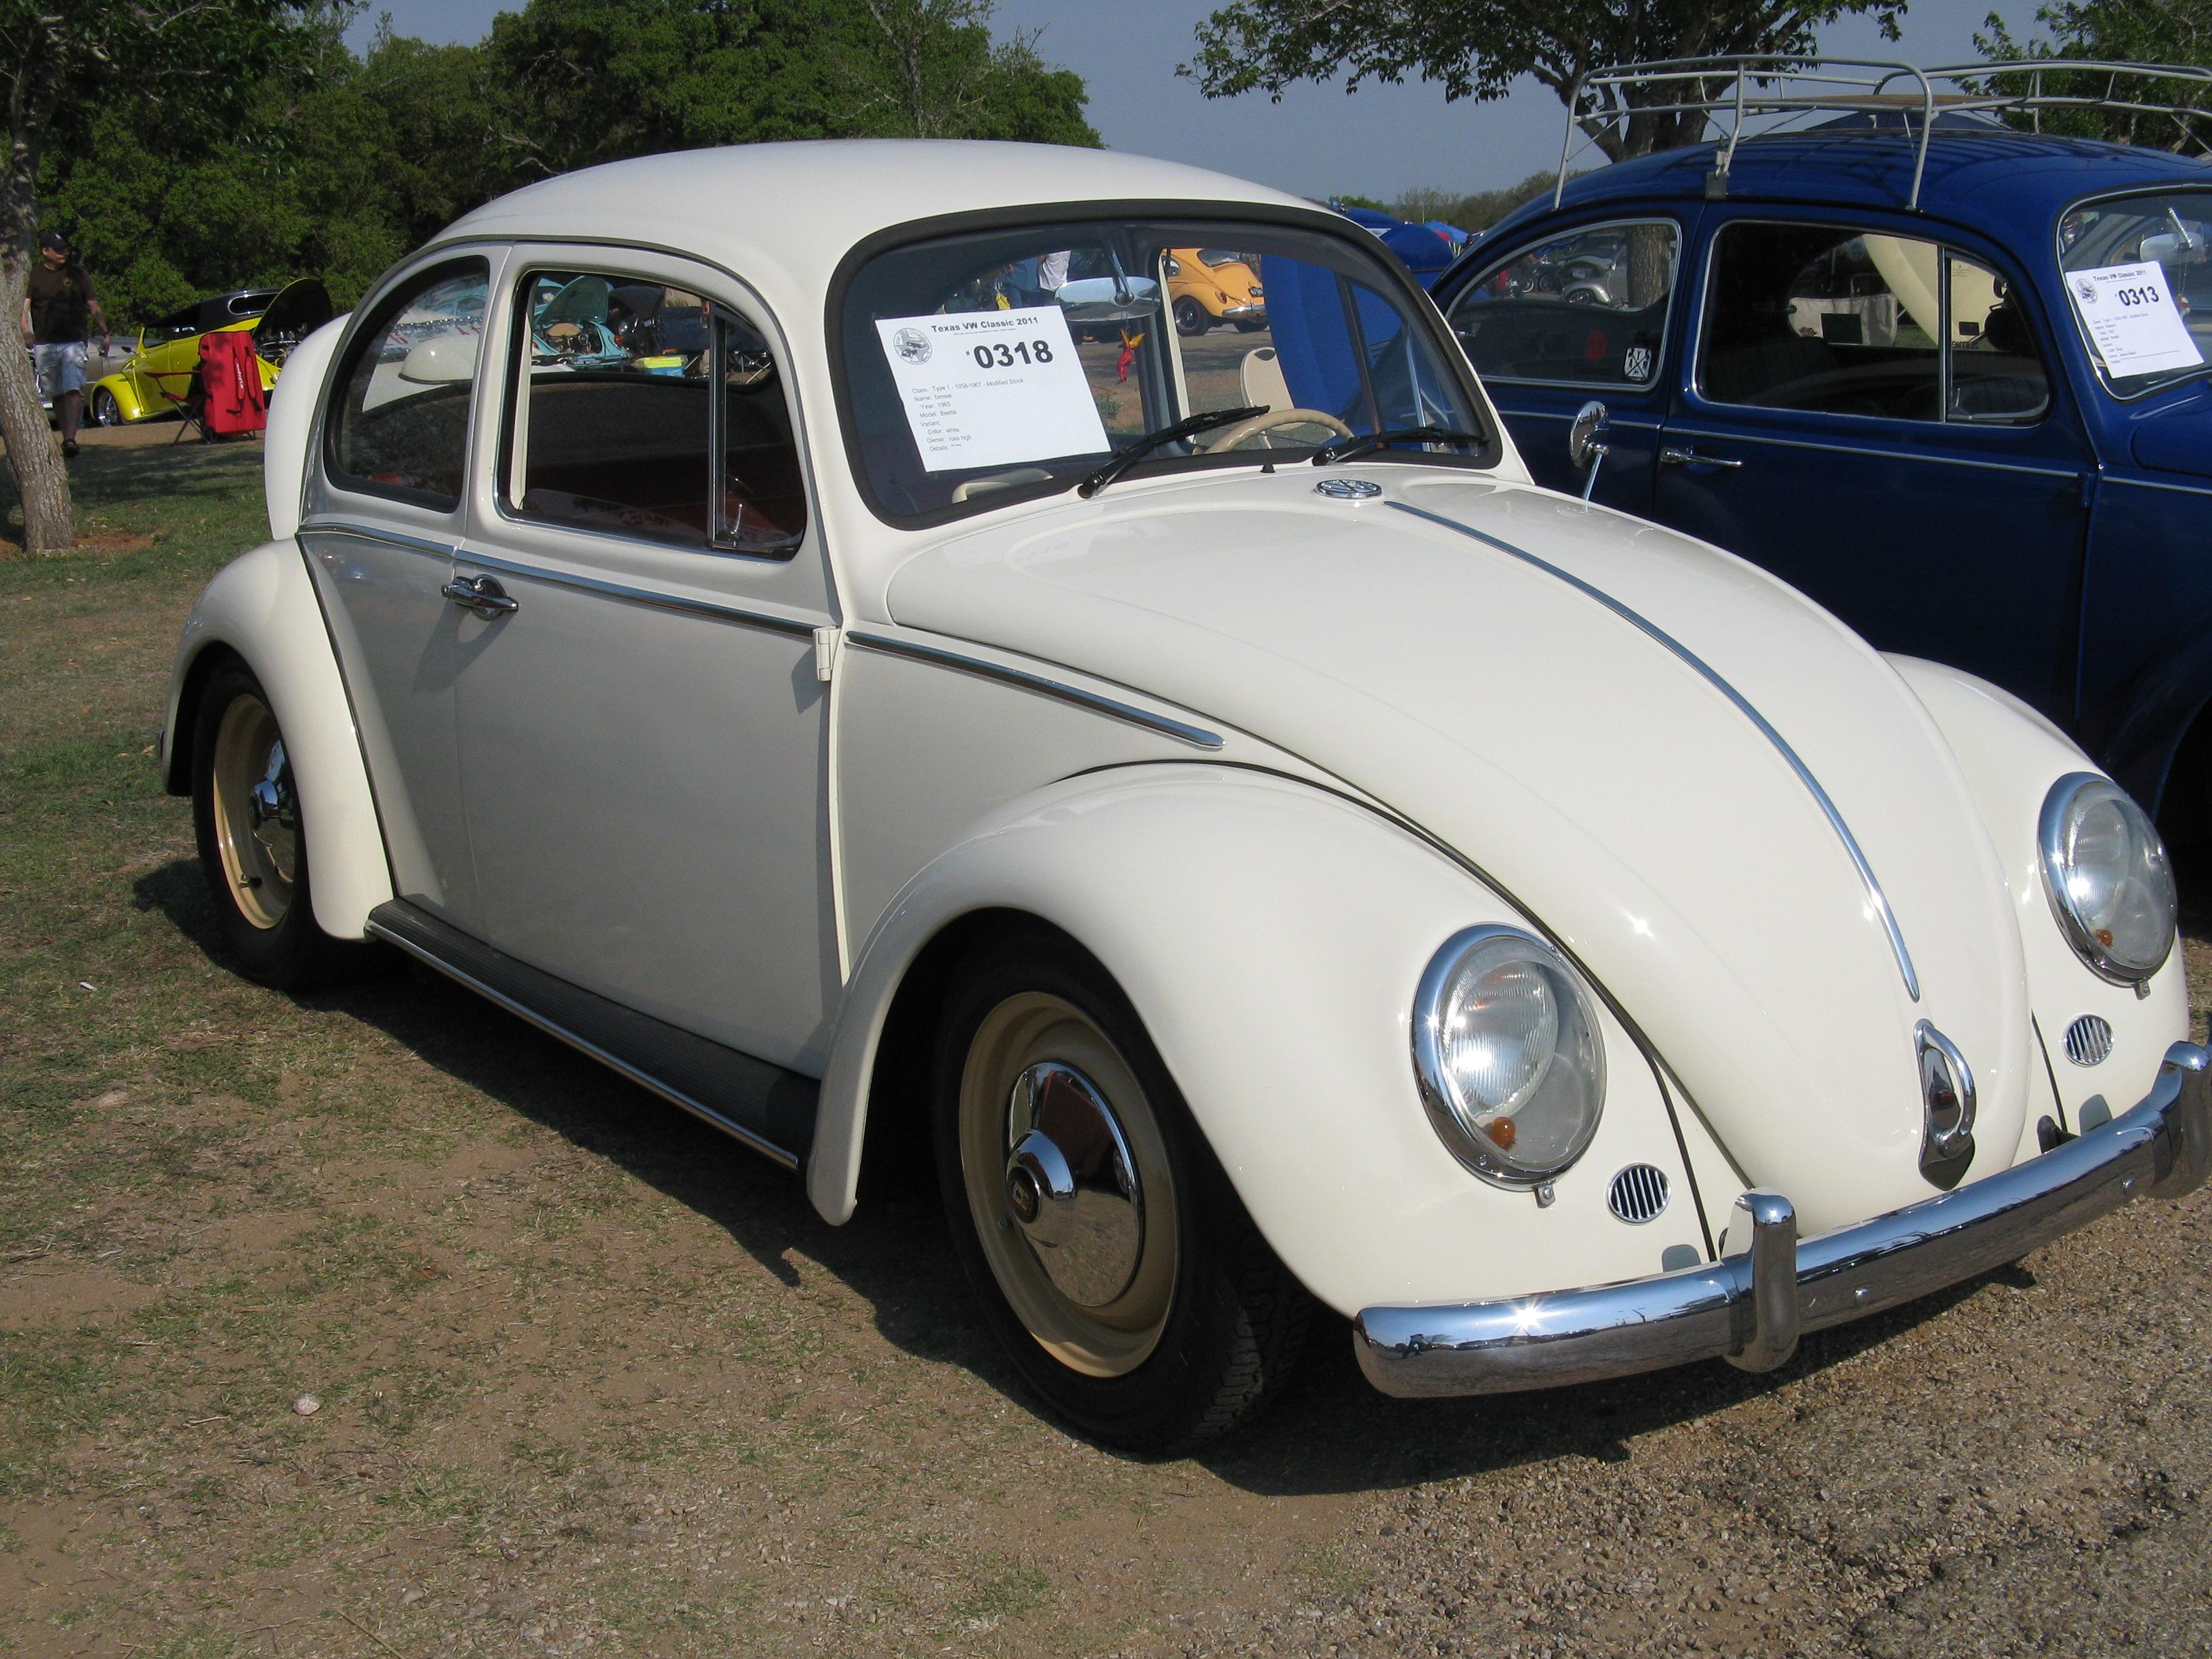 1965 vw bug wallpaper - photo #40